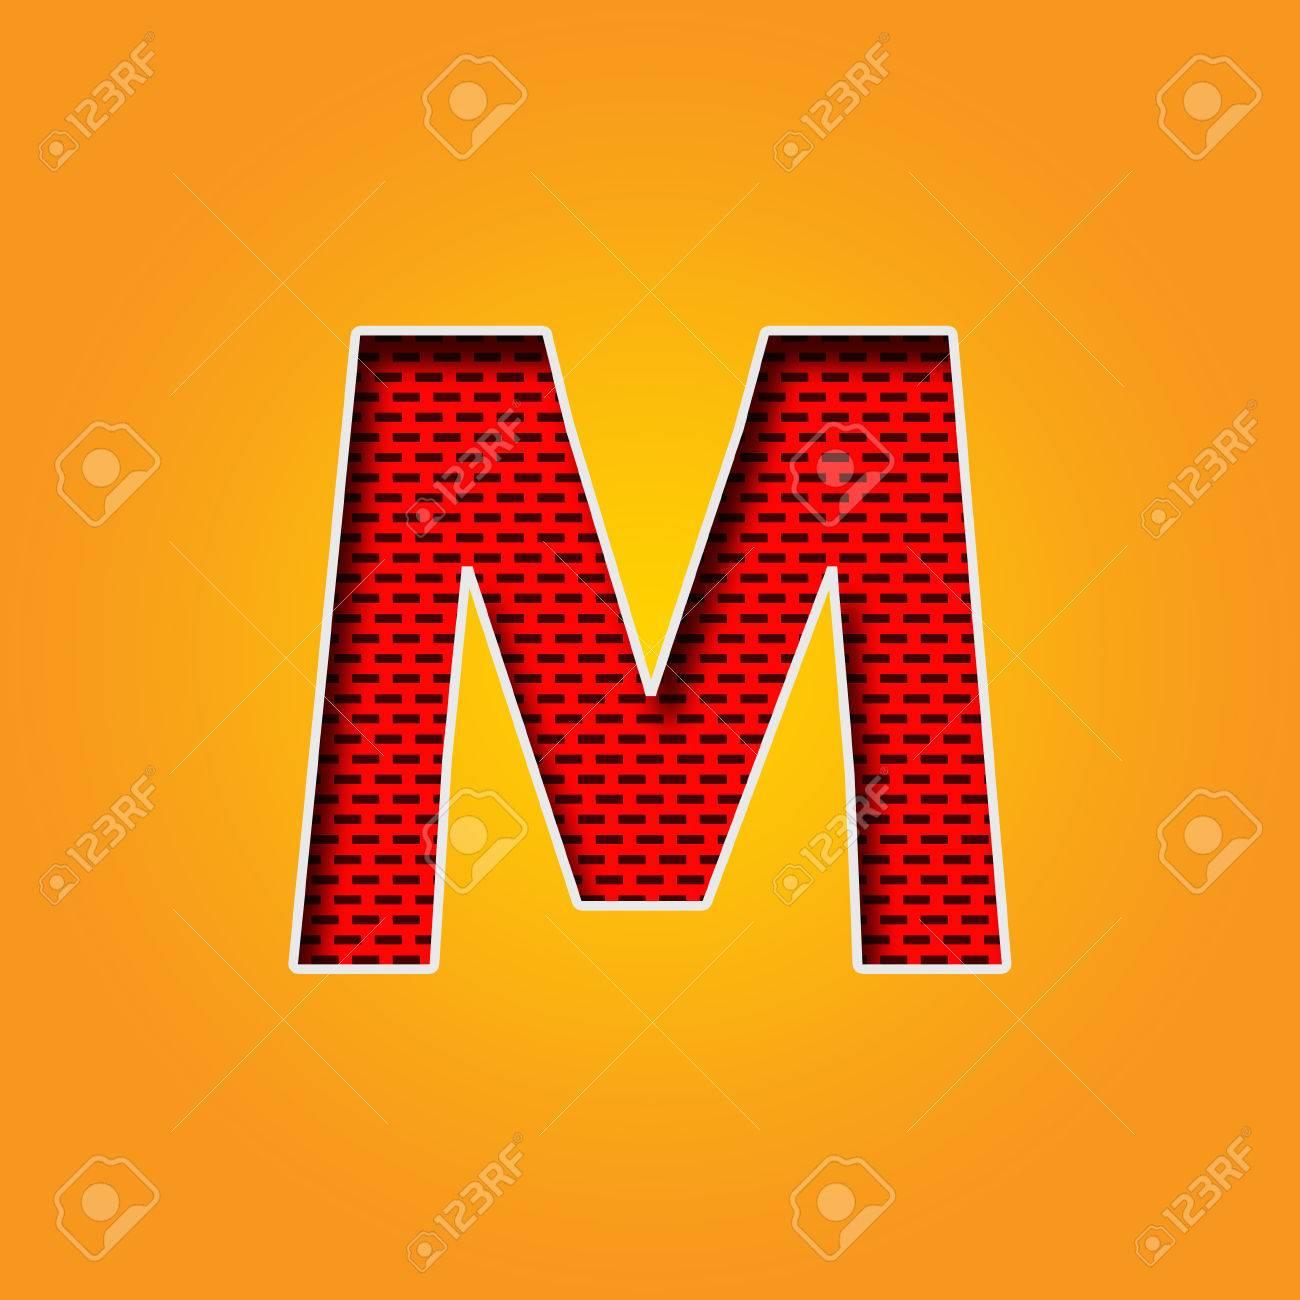 Police de caractère unique M en Alphabet de couleur orange et jaune